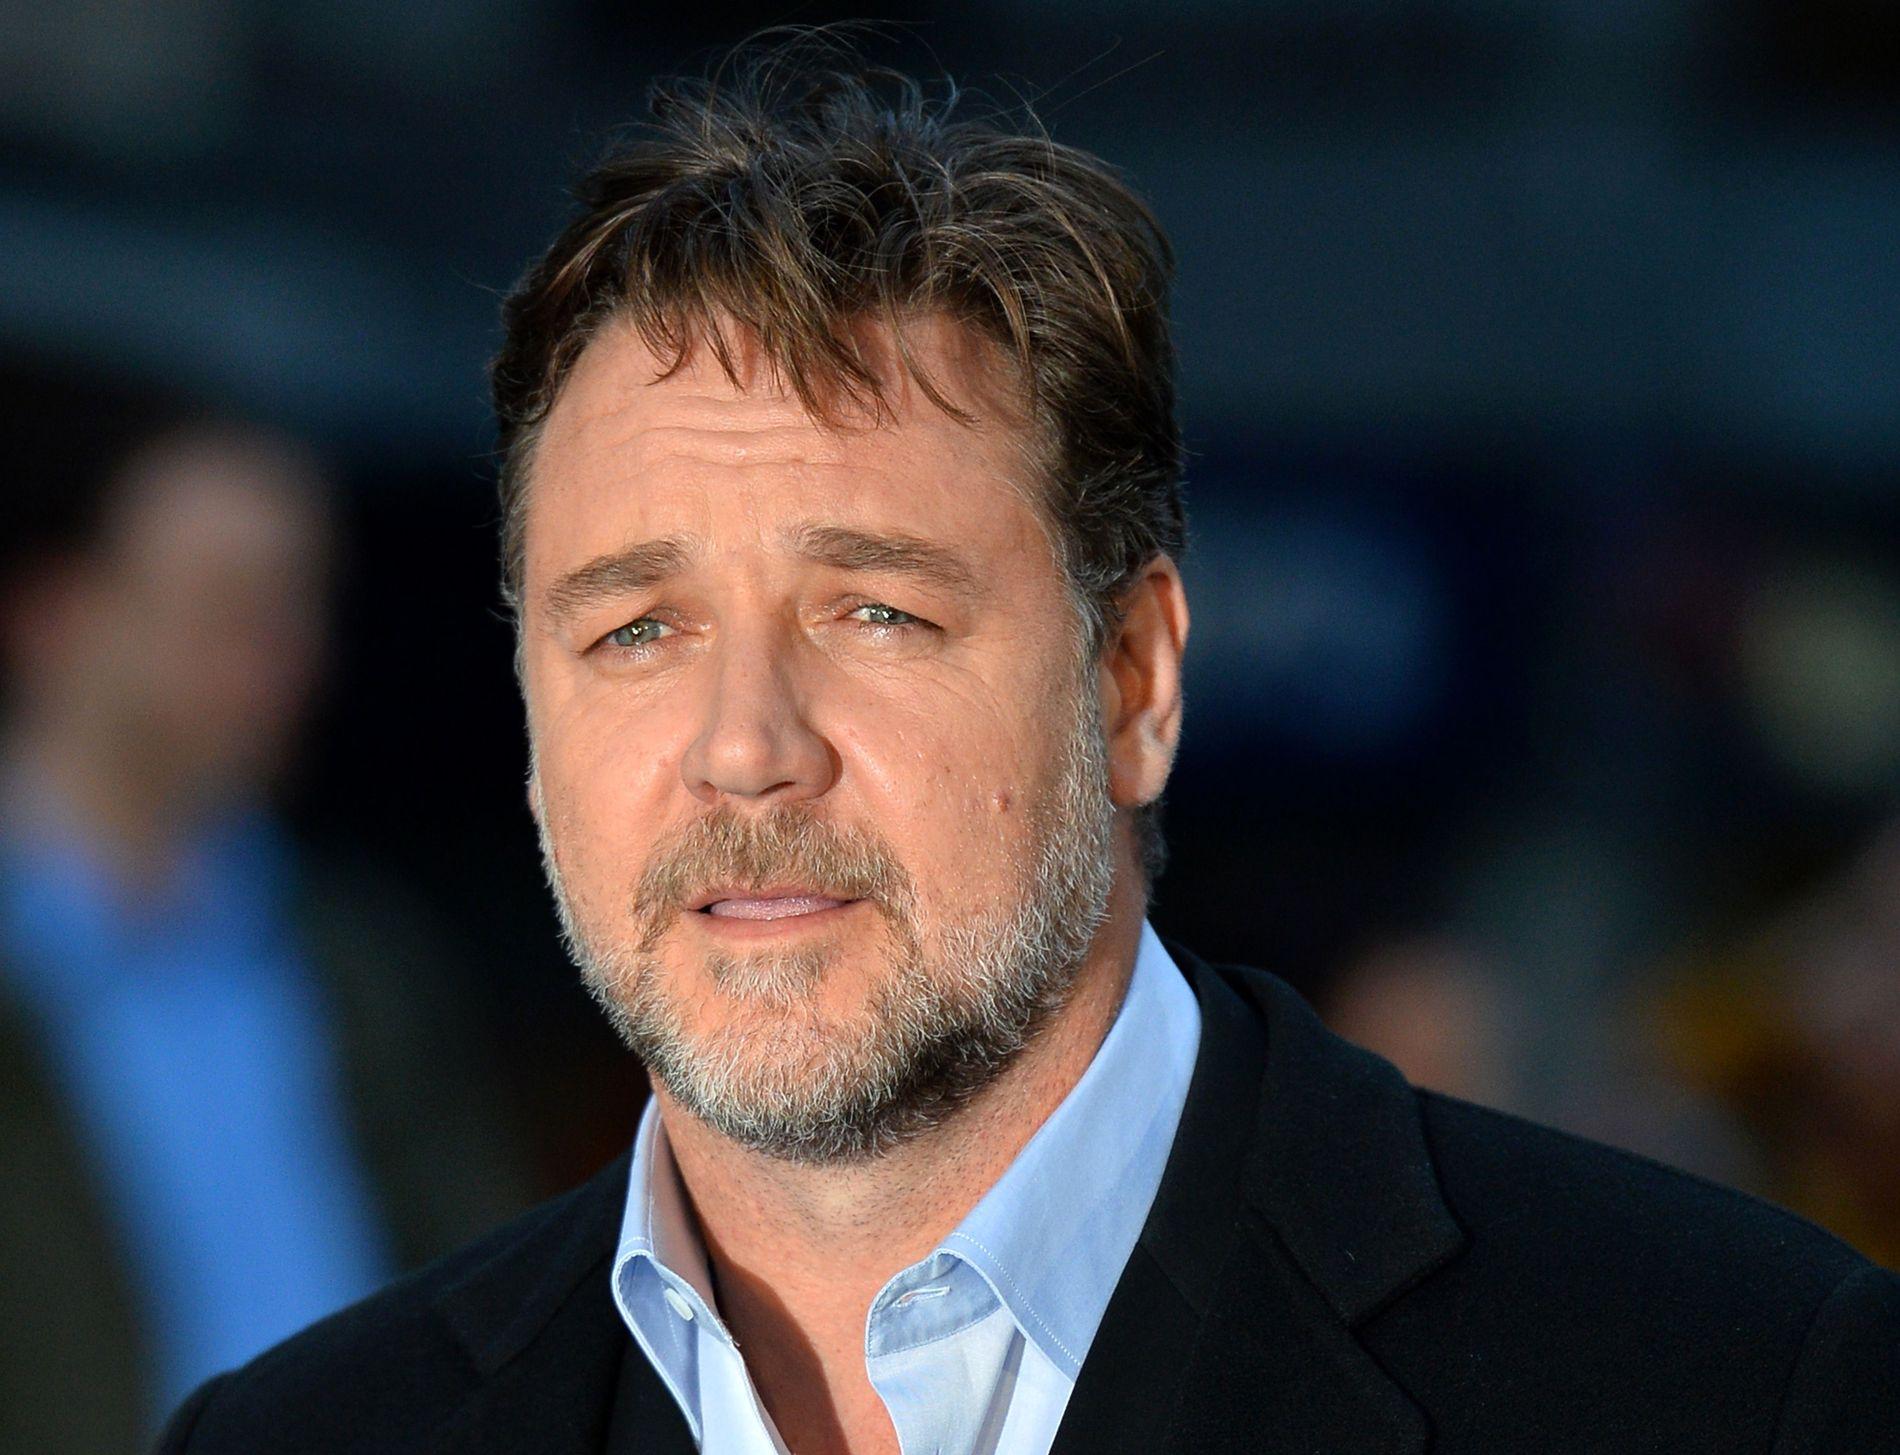 «BIZARR OG MUSIKALSK»: Russell Crowe måtte tåle hard kritikk for sin tale under en prisutdeling i Australia denne uken.